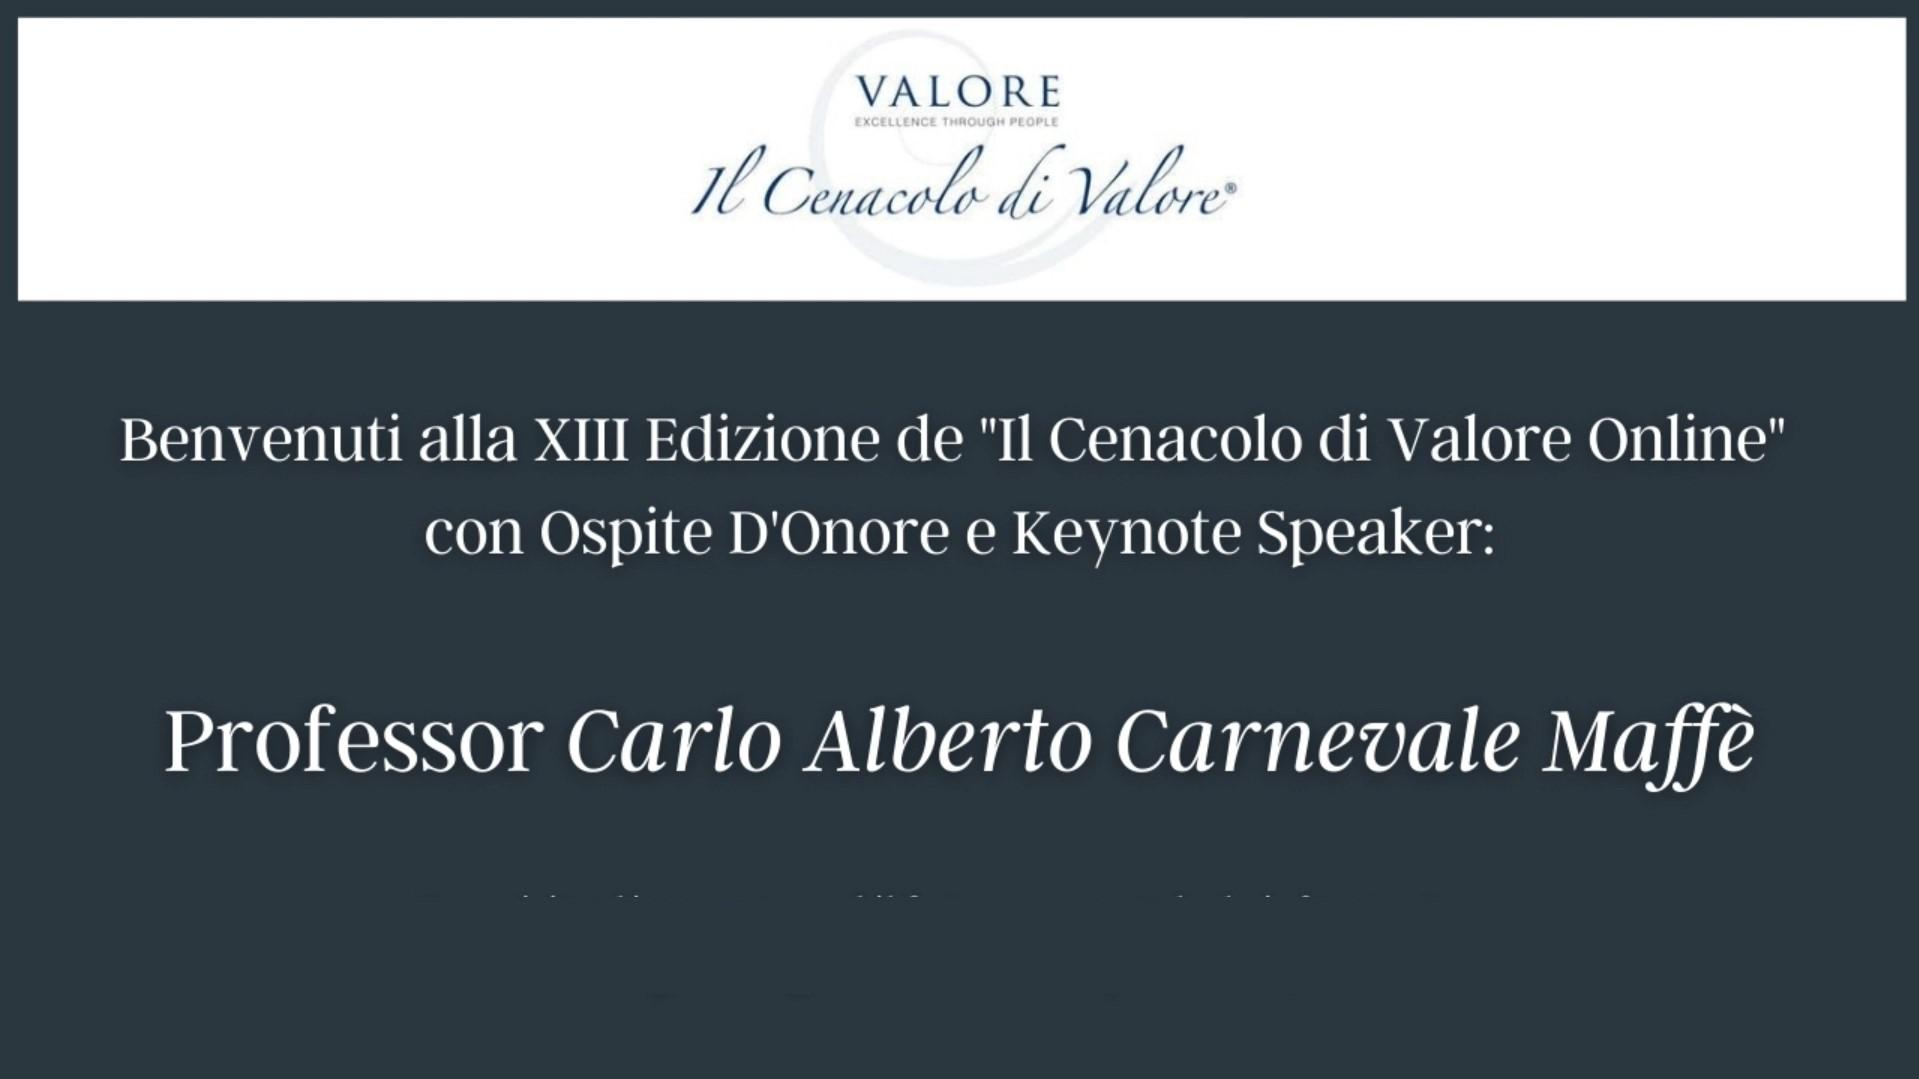 XIII Edizione Online de ' Il Cenacolo di Valore ' - Keynote Speaker Professor Carlo Alberto Carnevale Maffè